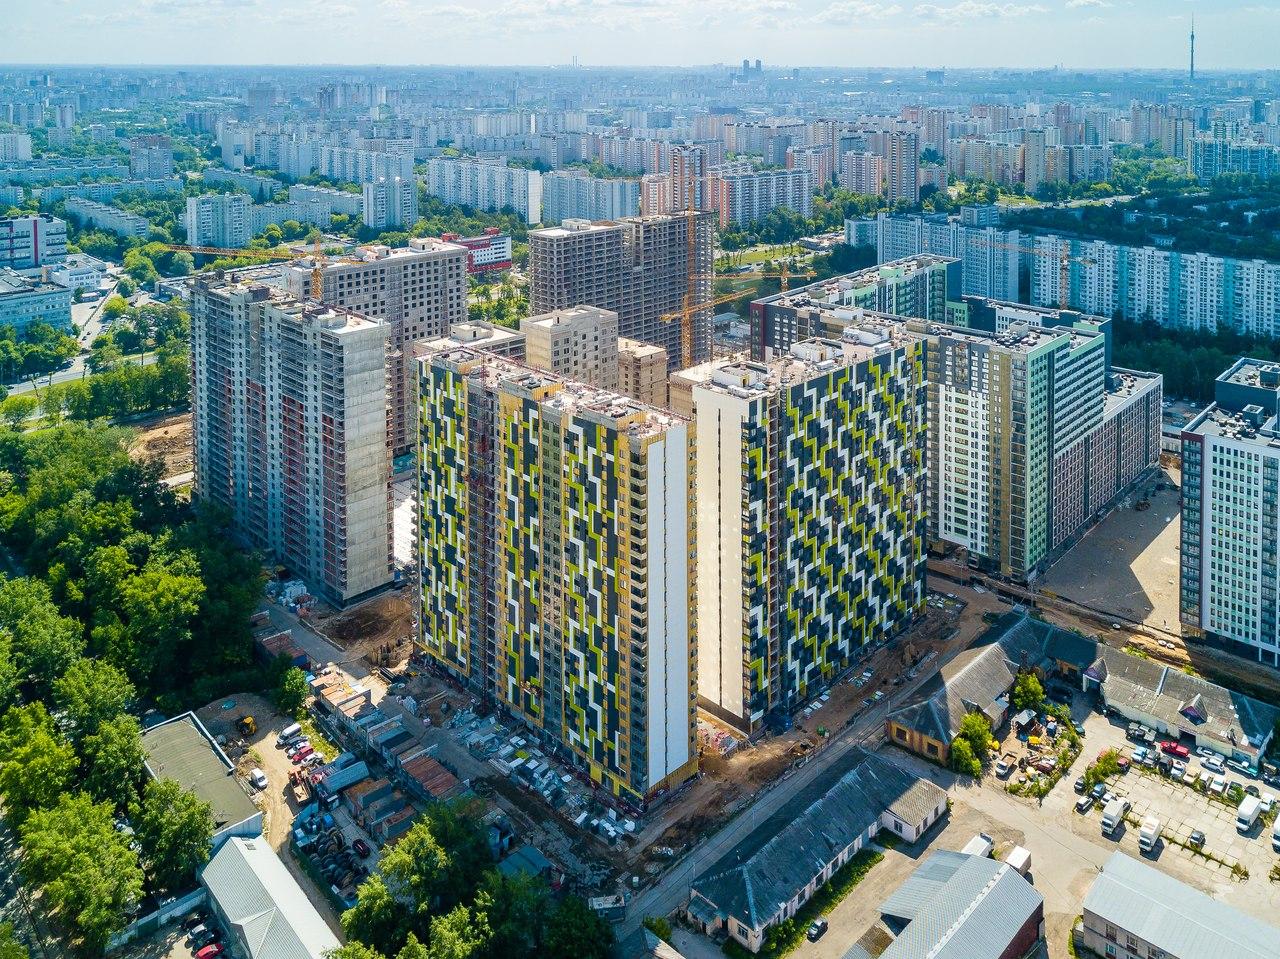 """На ЖК """"Летний сад"""" - начался монтаж фасадных конструкций! Теплозвукоизоляция под ними - лучше, чем у соседнего ЖК """"Город"""" - Страница 6 Jjvz4g12"""